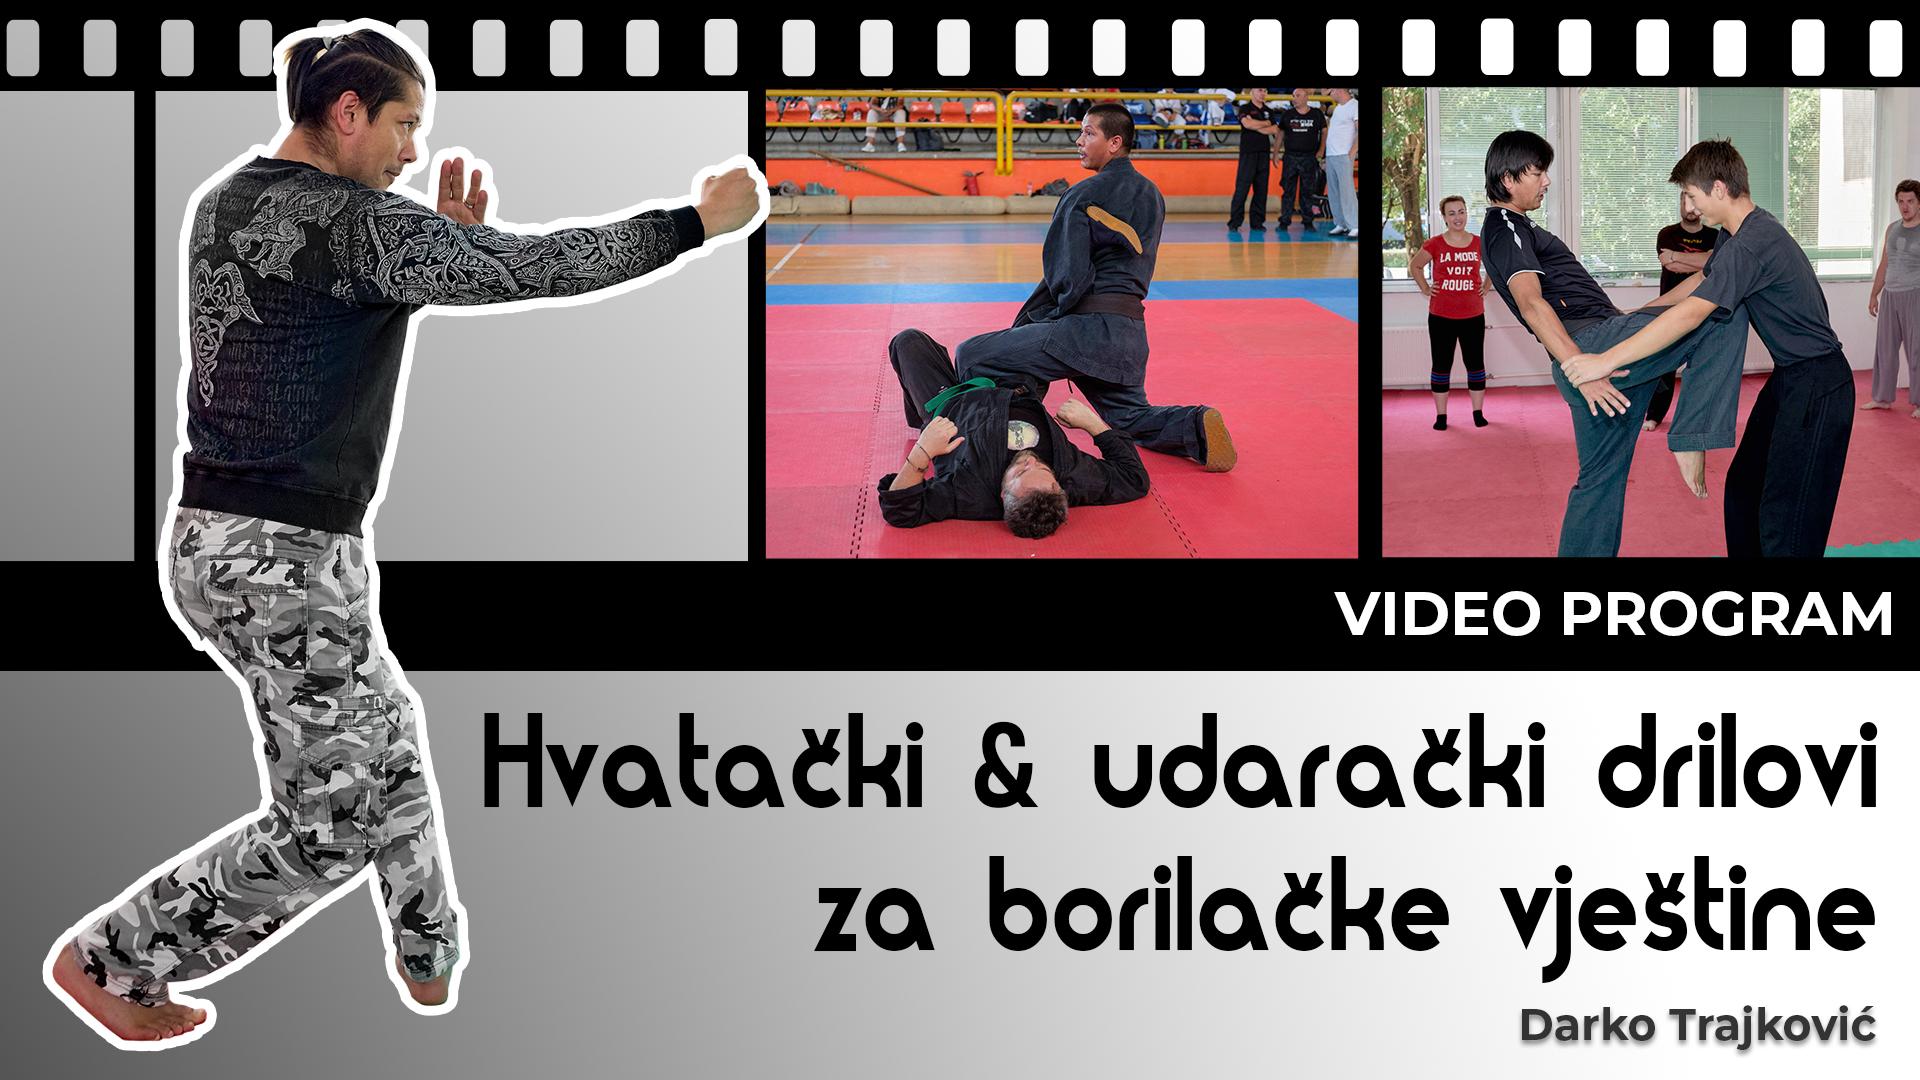 Hvatacki_udaracki_drilovi